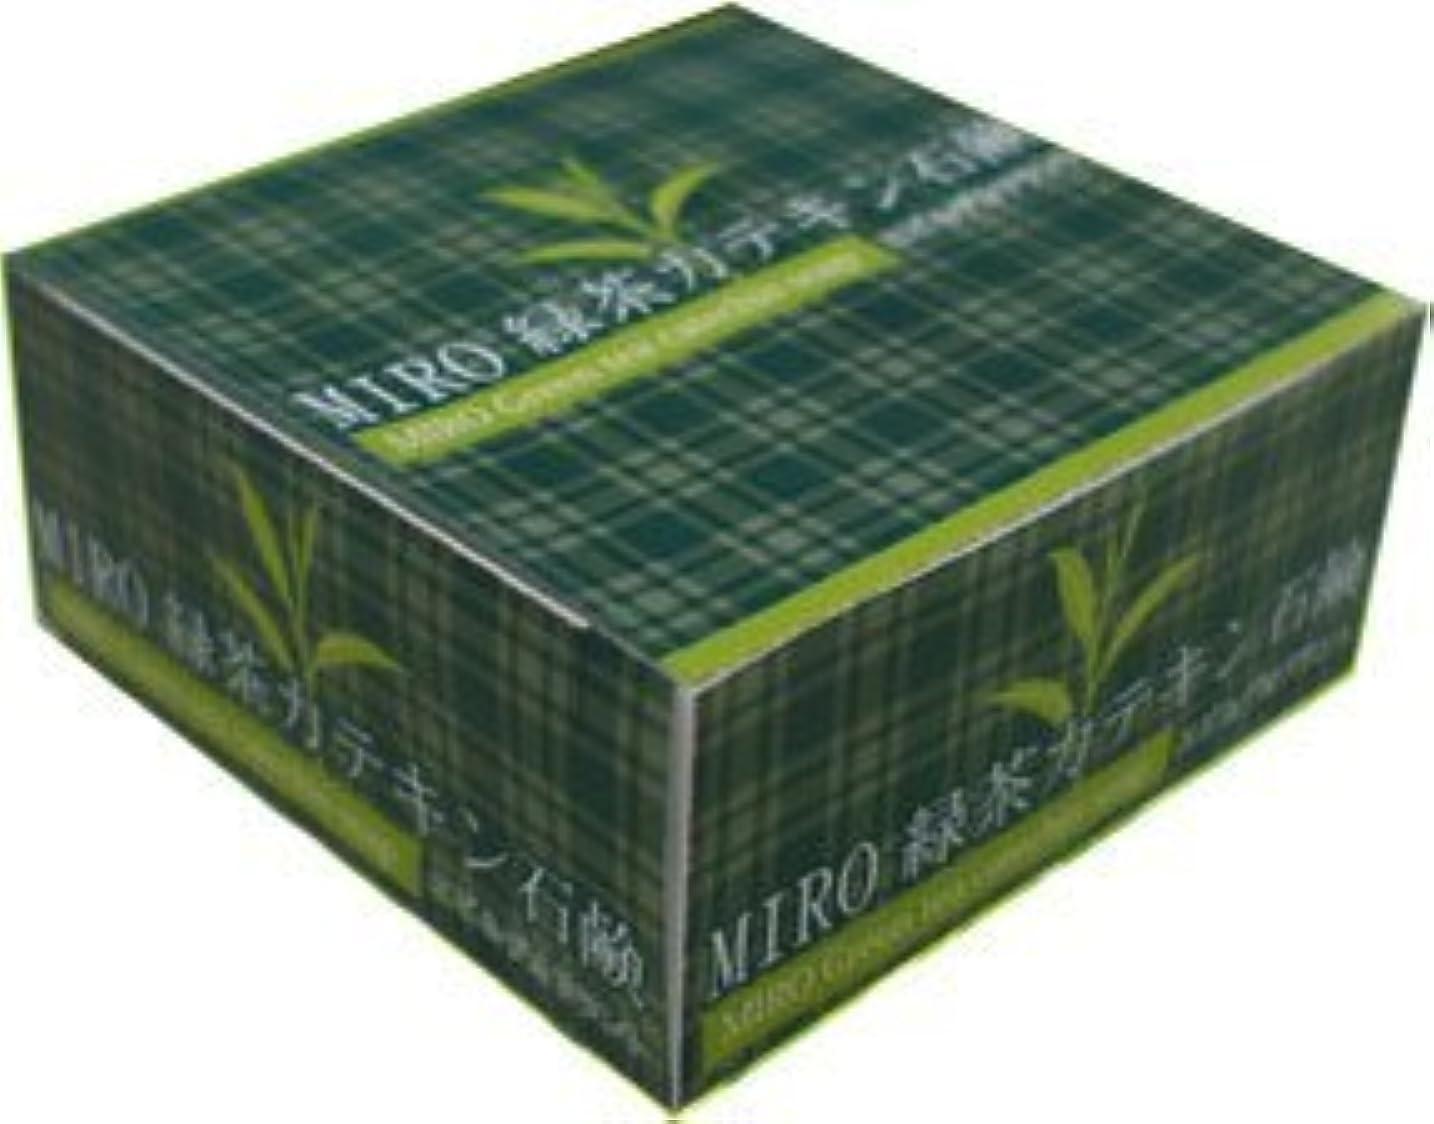 より平らな火昇進【MIRO 緑茶カテキン石鹸】 wm